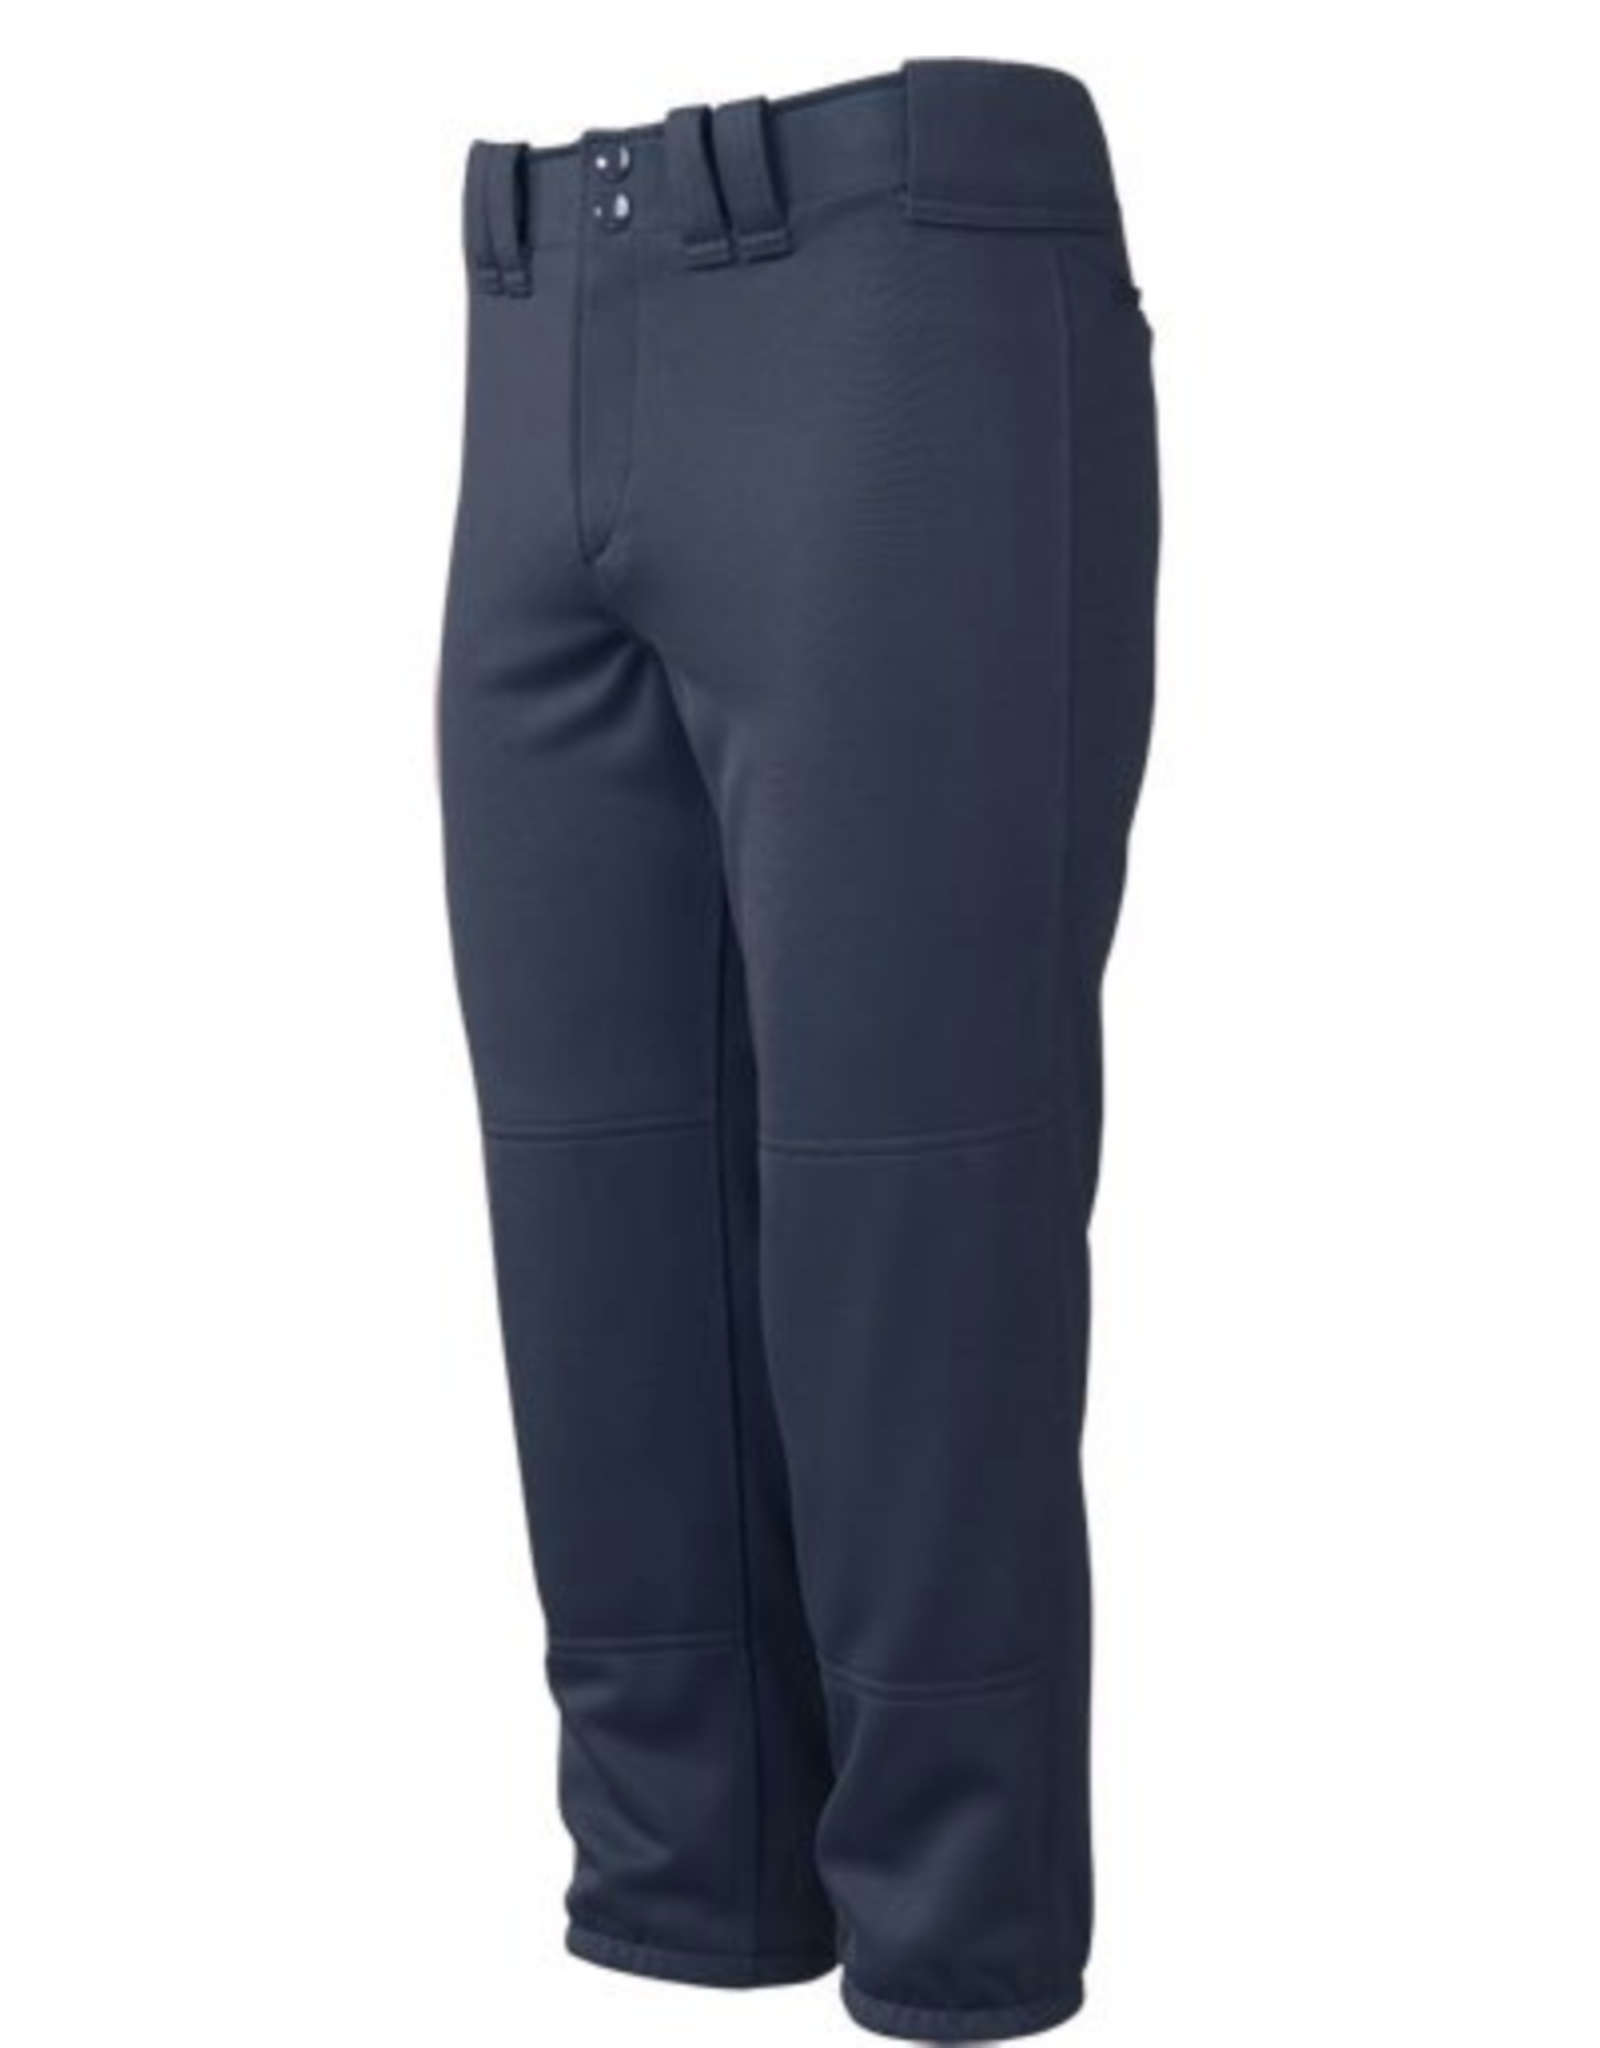 Mizuno Mizuno girls softball pants